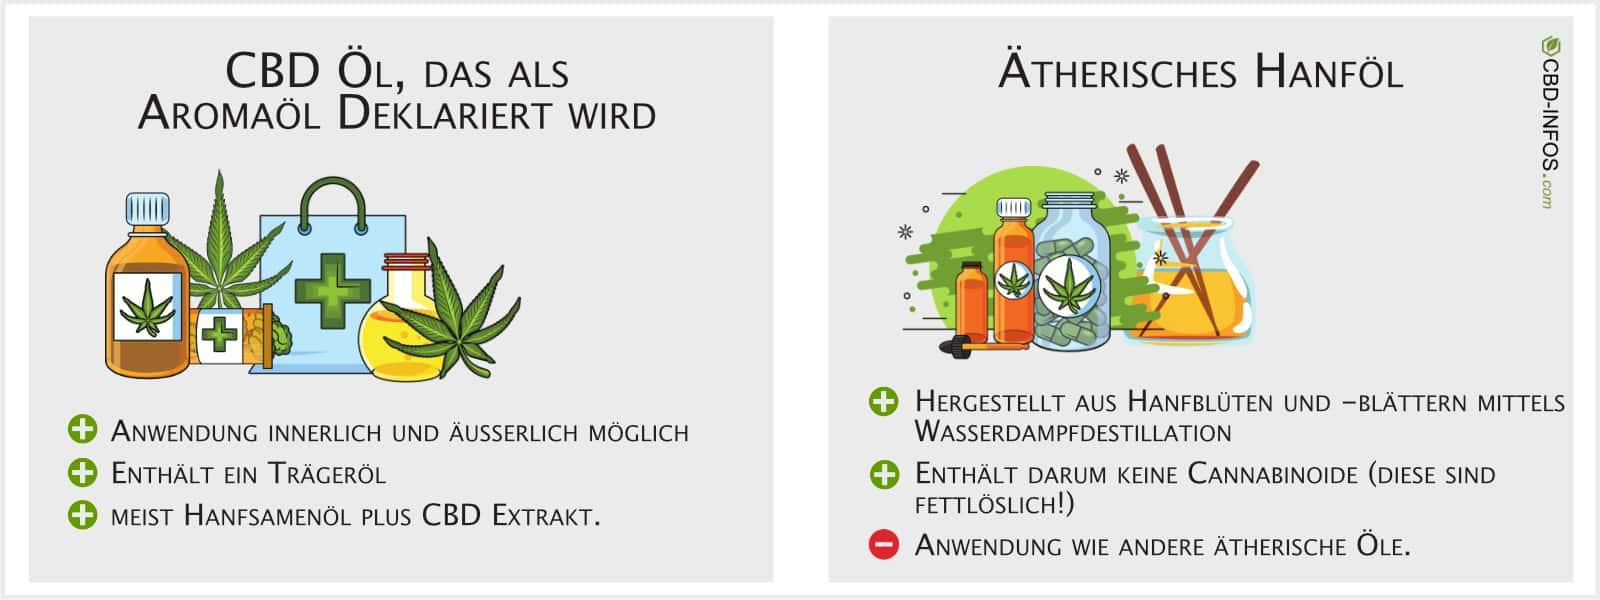 Infografik CBD Aromaöl